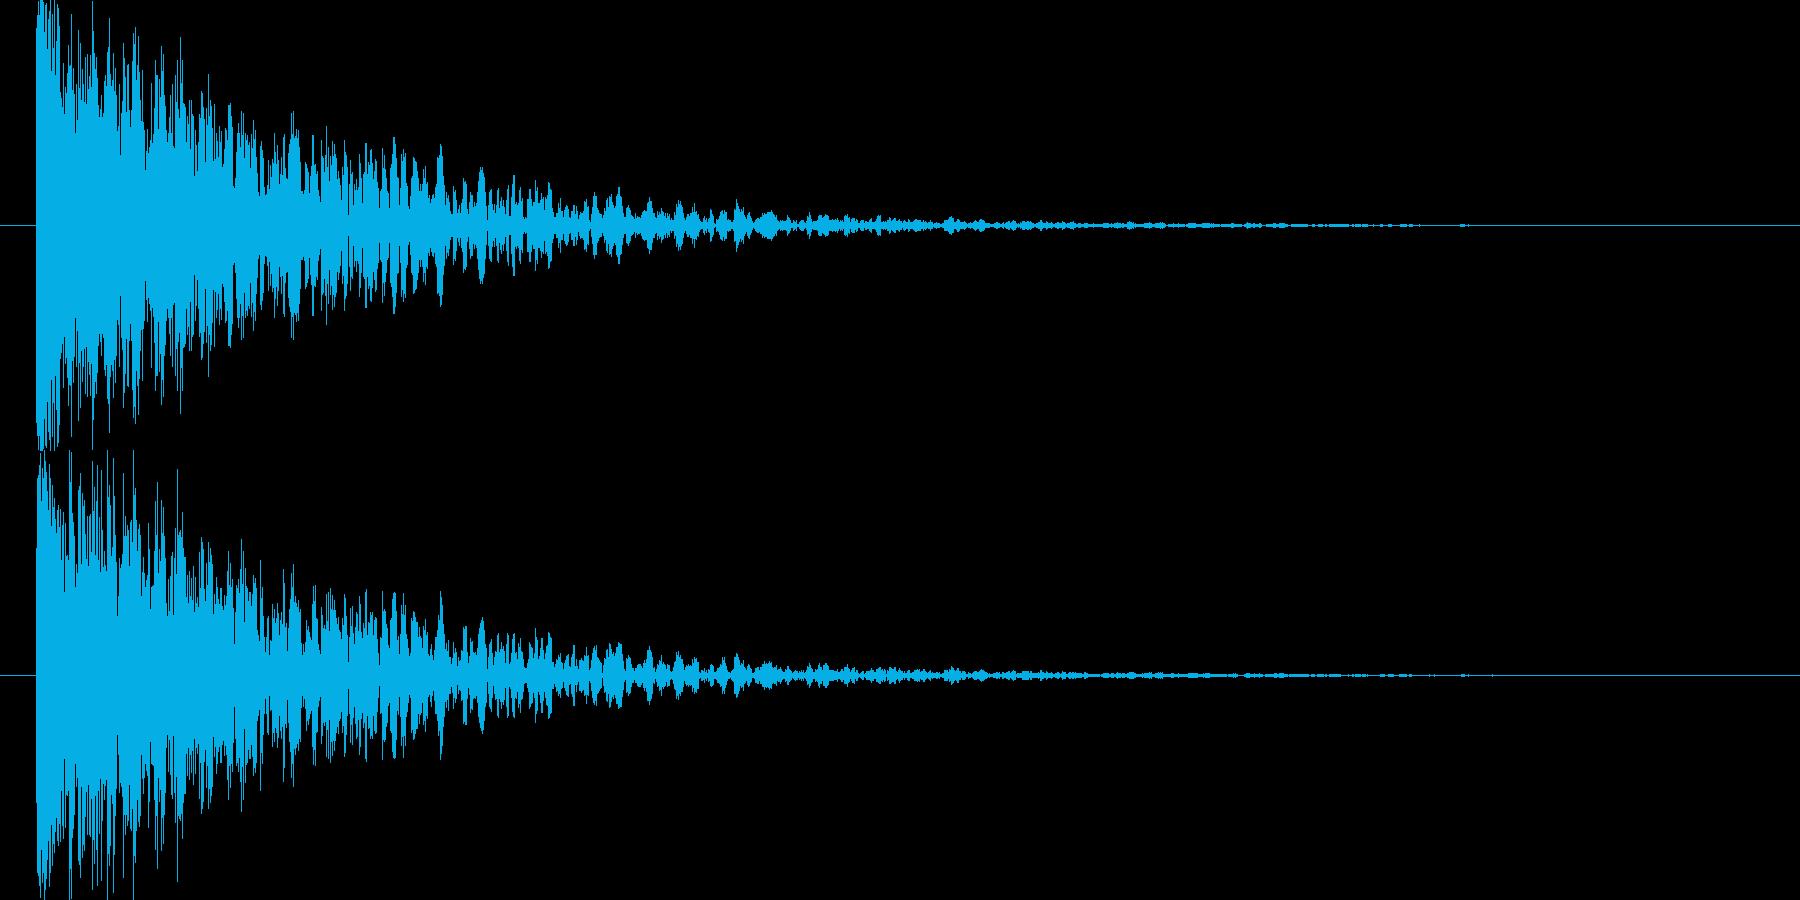 破裂音と爆発音が混ざった感じの再生済みの波形